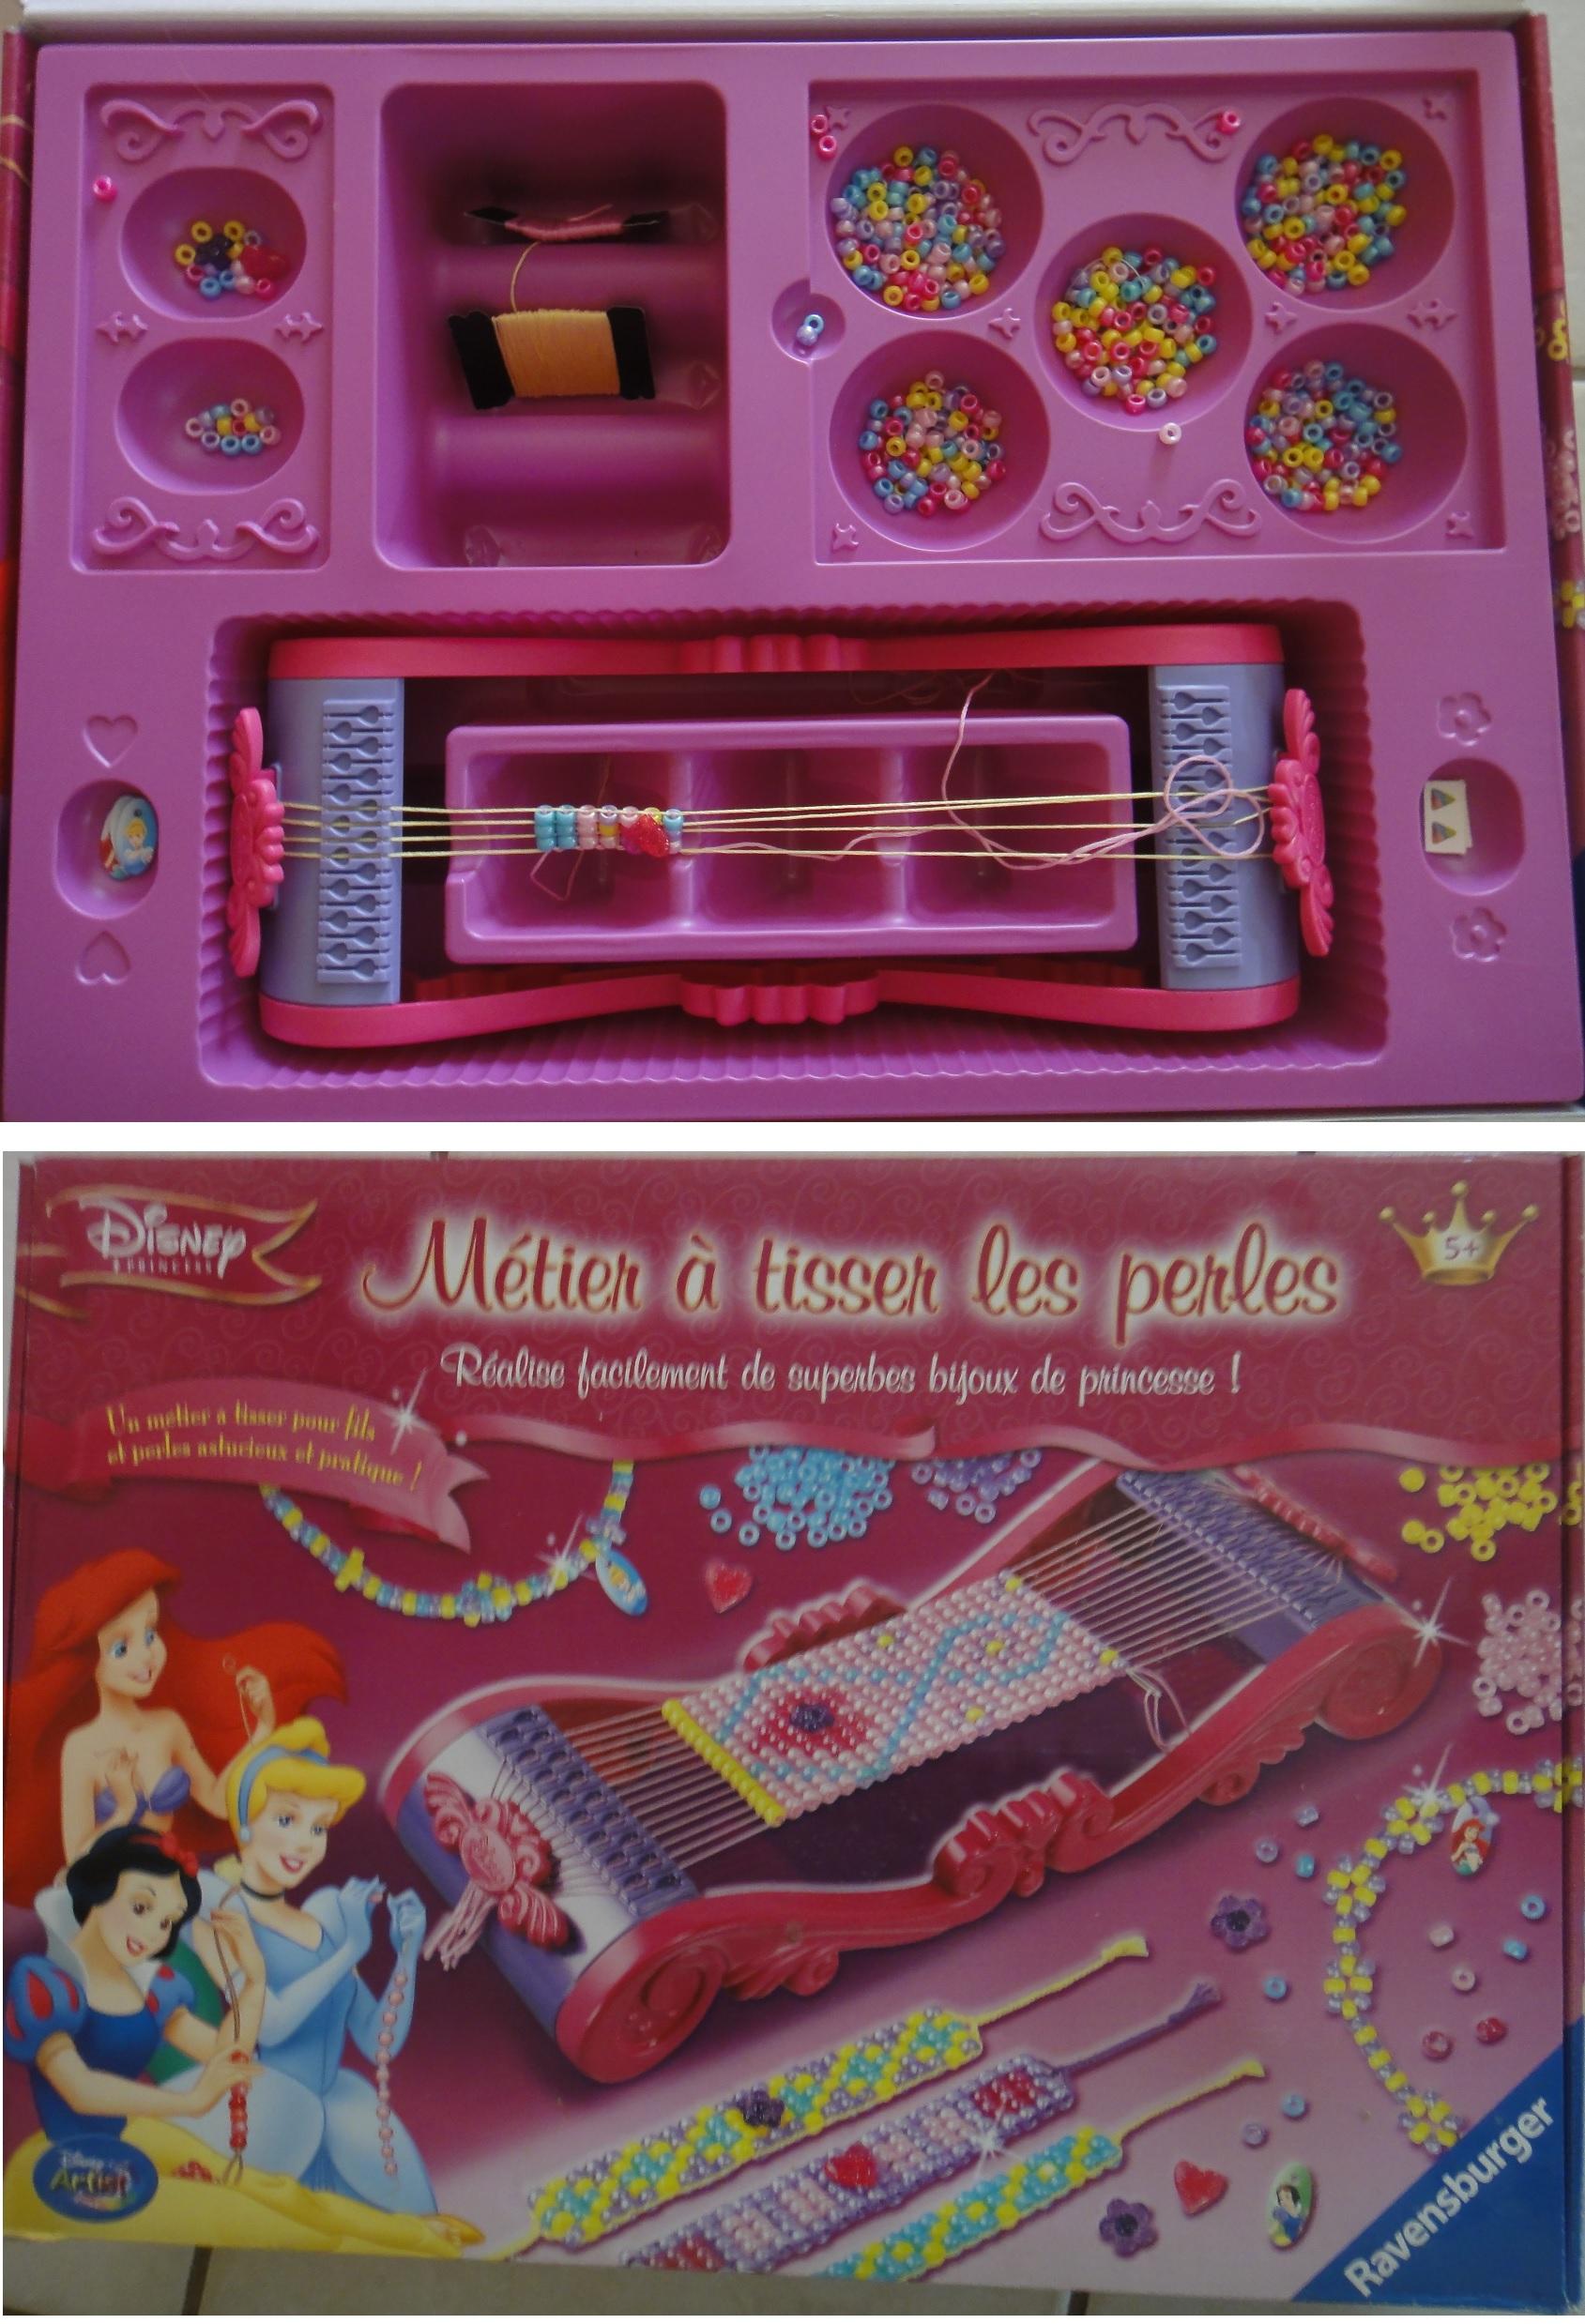 Acheter Metier A Tisser Les Perles Disney Princess D Occasion Sur